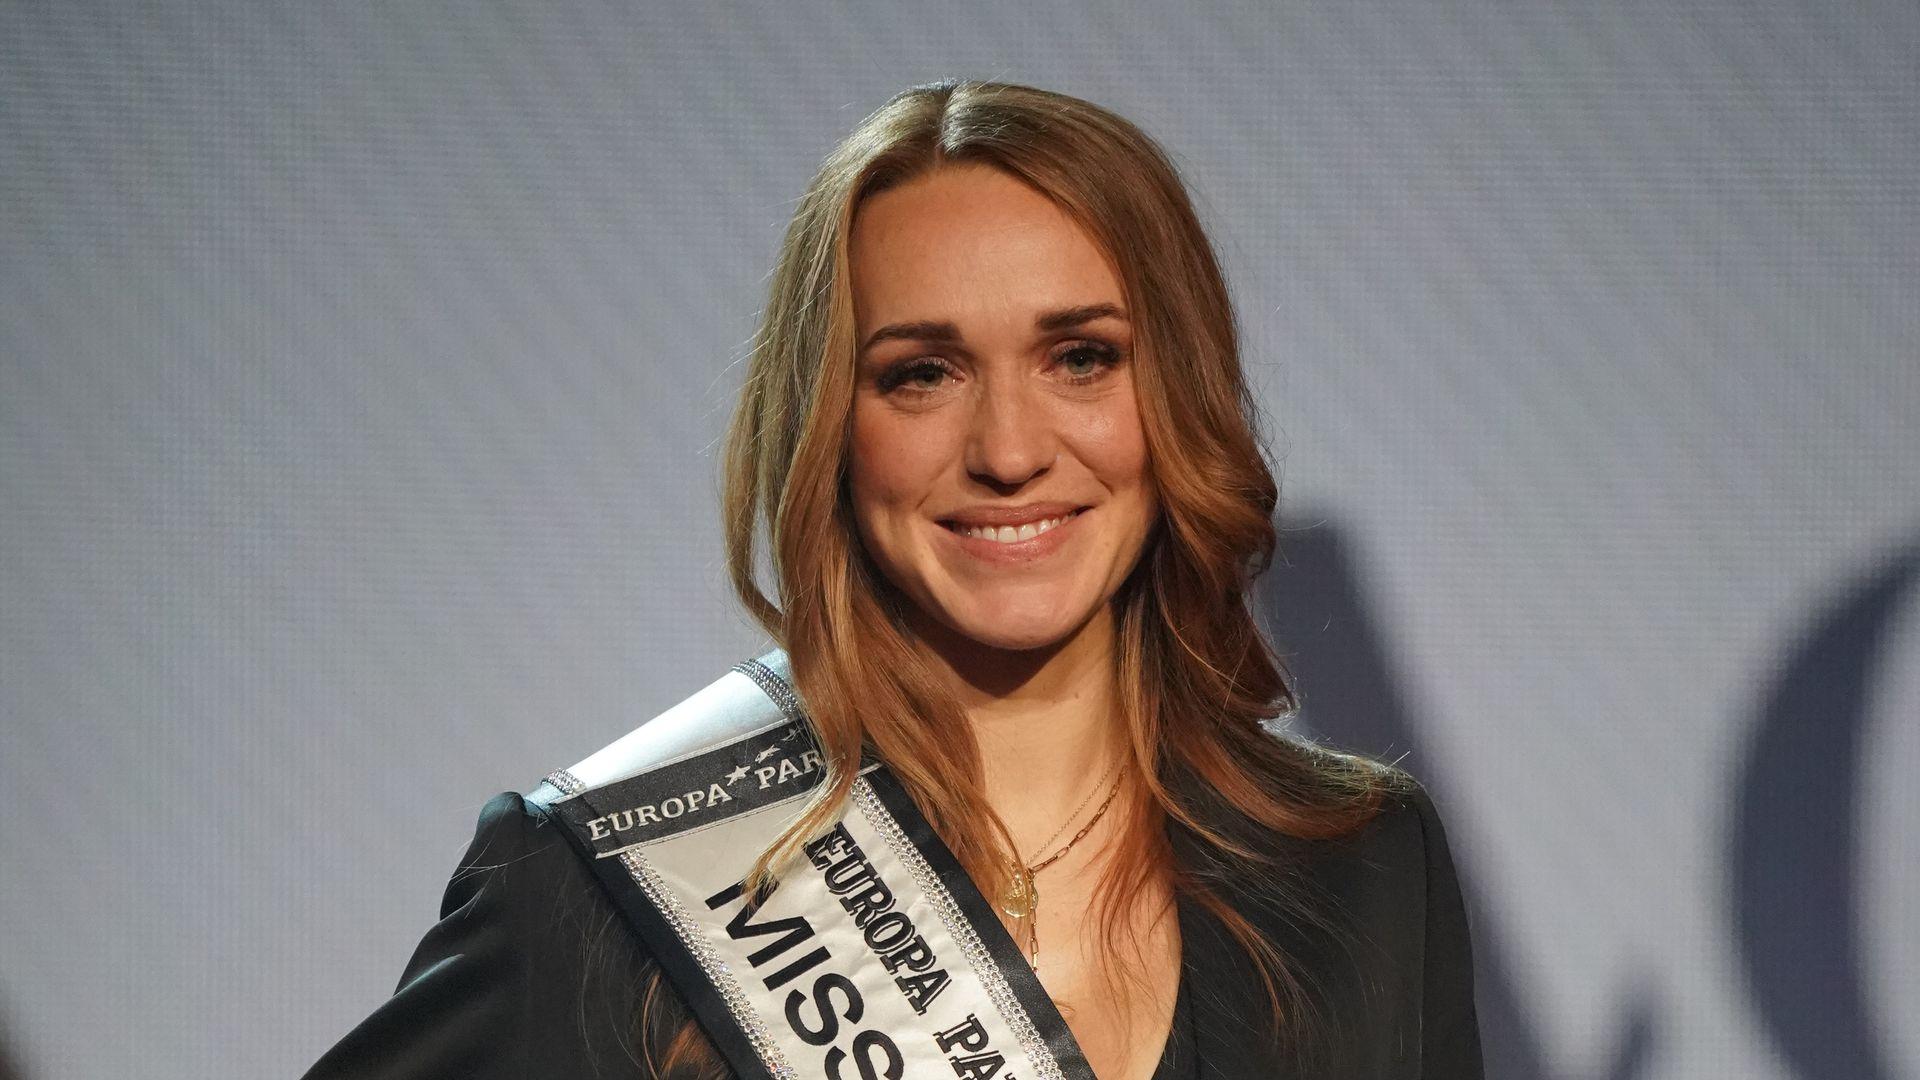 Mutter von zwei Kindern: Sie ist die neue Miss Germany ...